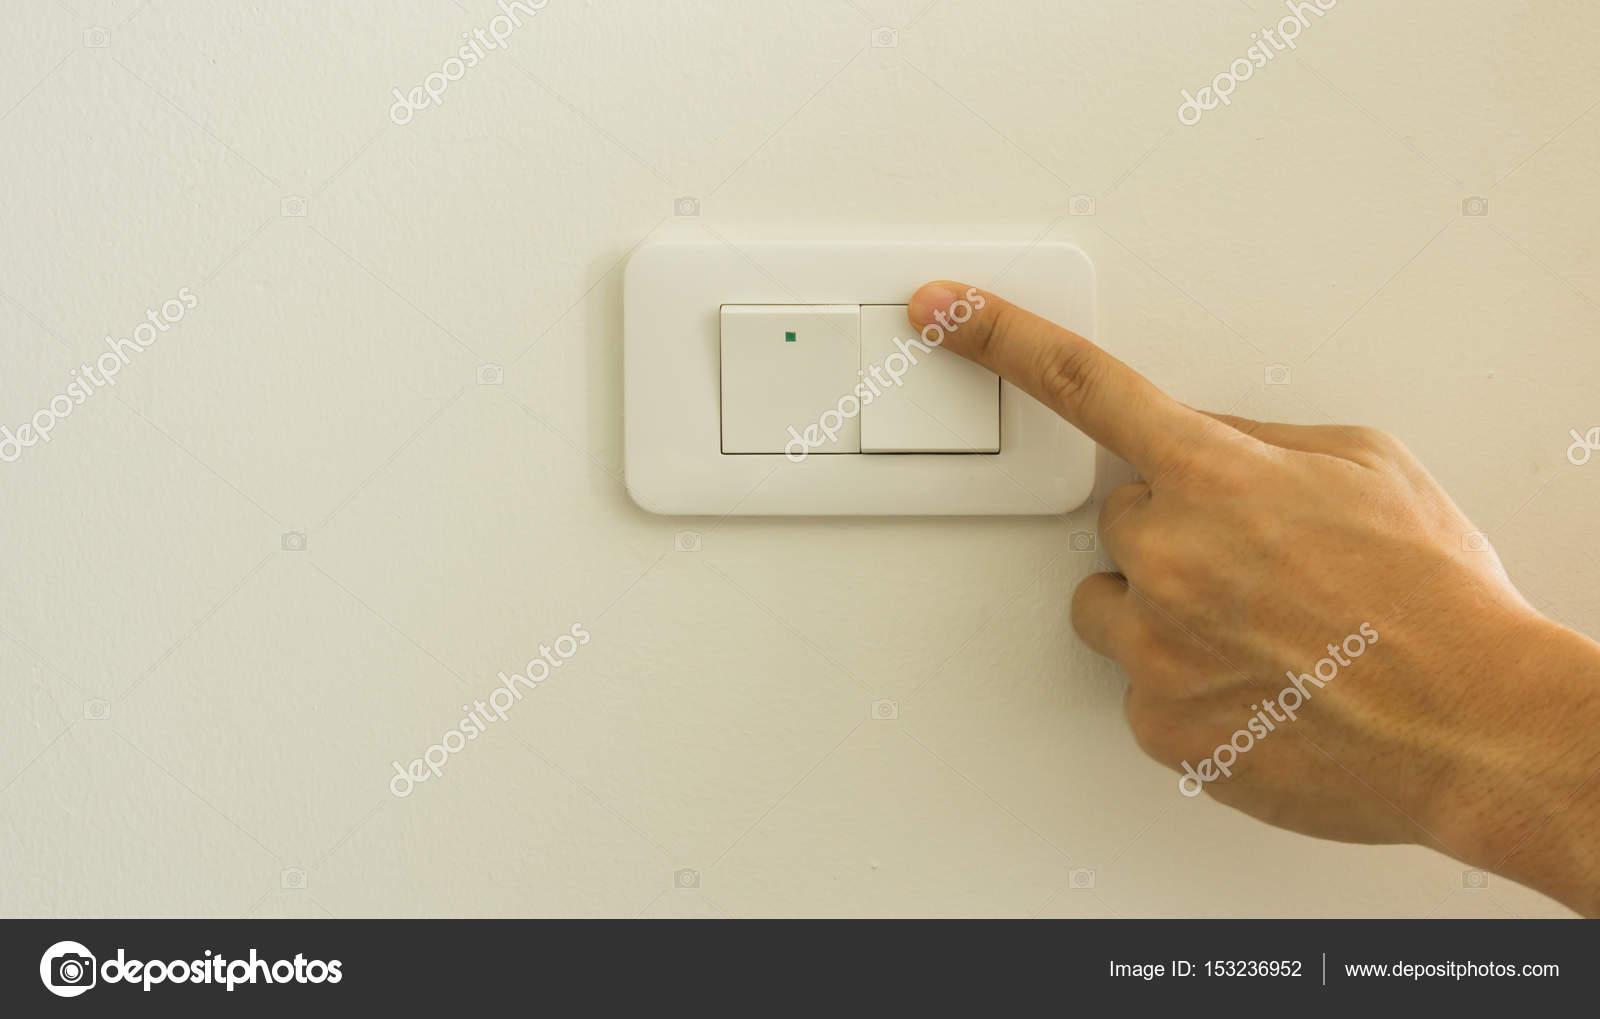 Lichtschalter ausschalten auf — Stockfoto © torsak #153236952